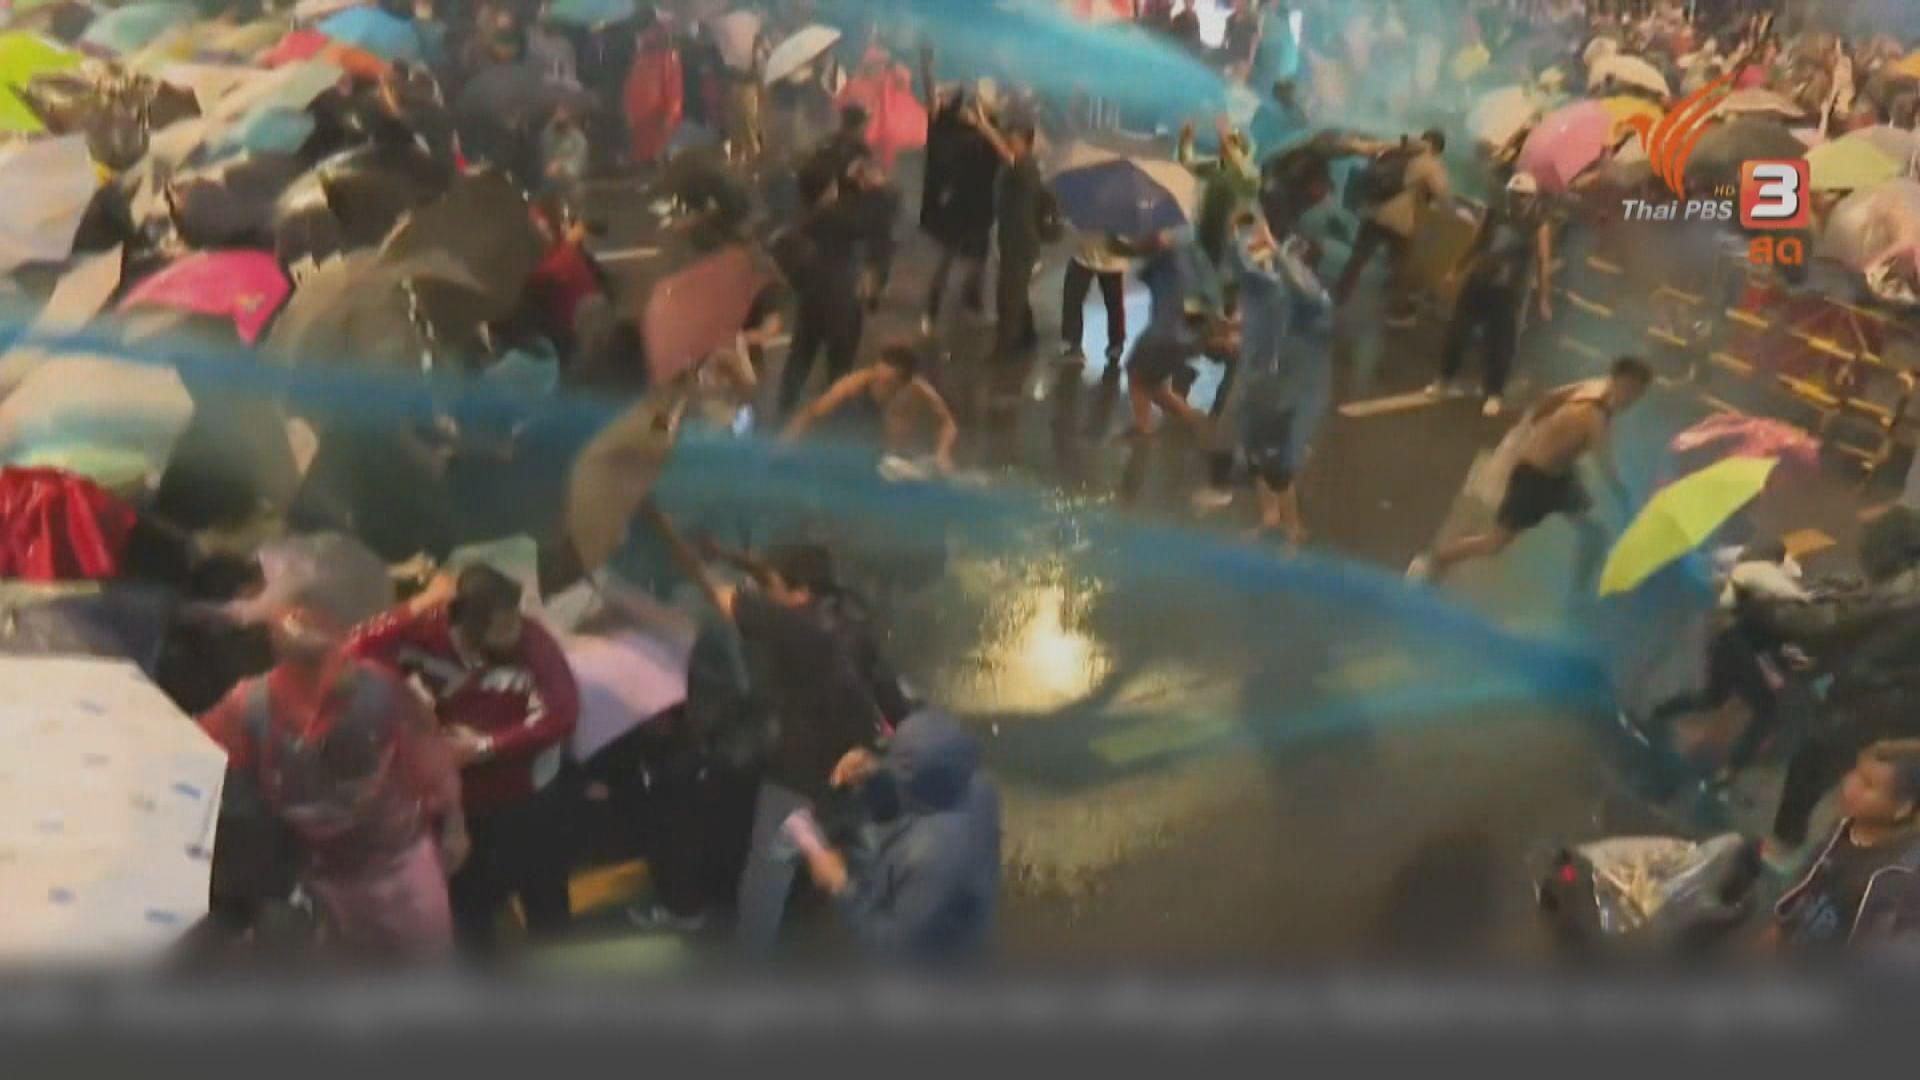 泰警出動水炮驅示威者 泰王:國家需要愛國愛君主人士